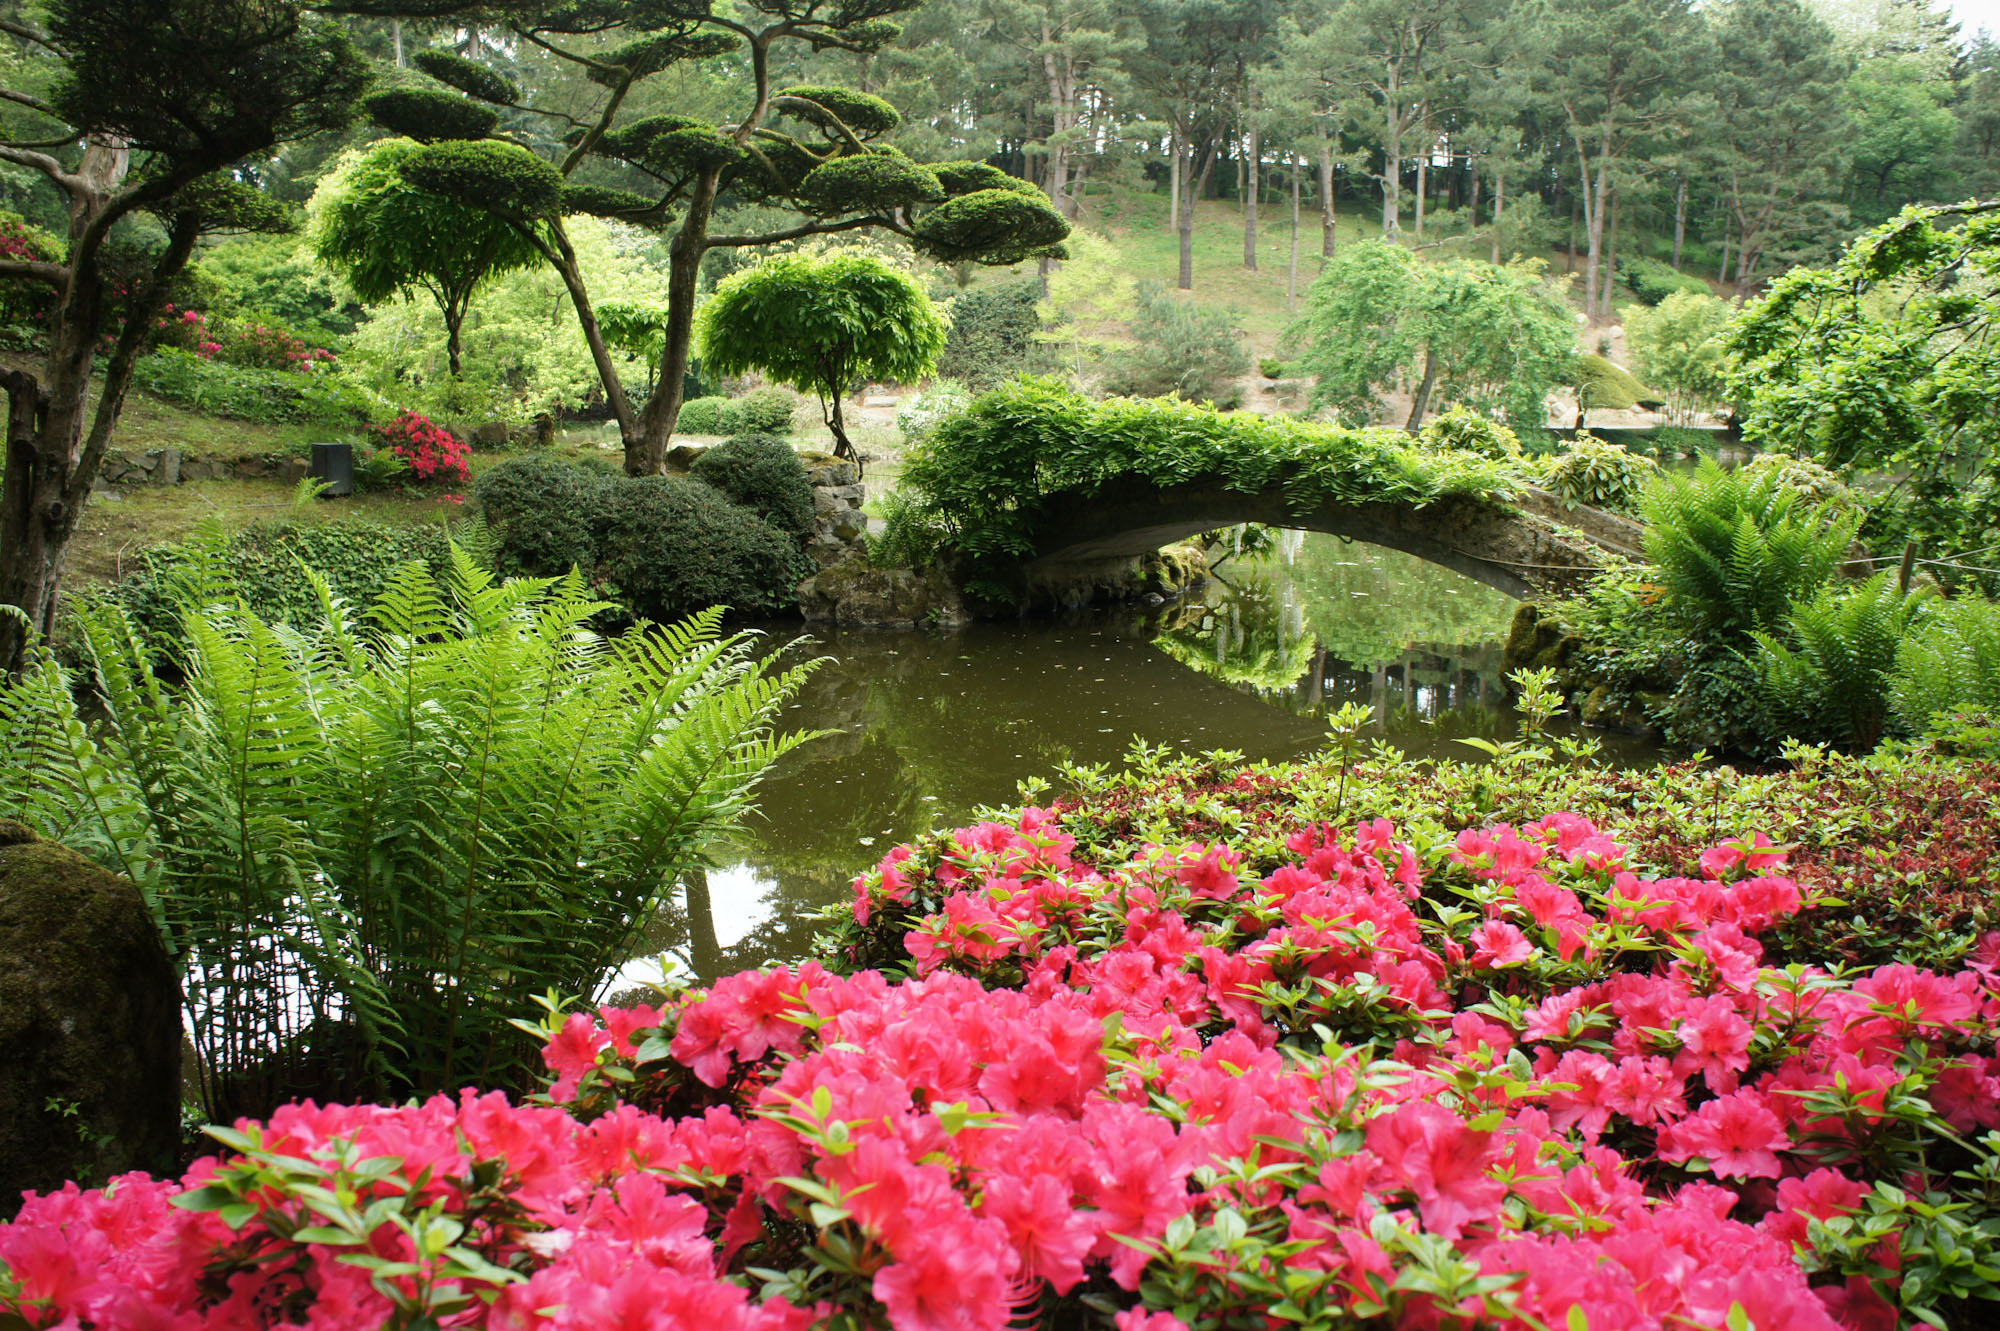 jardin japonais de maul vrier On jardin japonais cholet